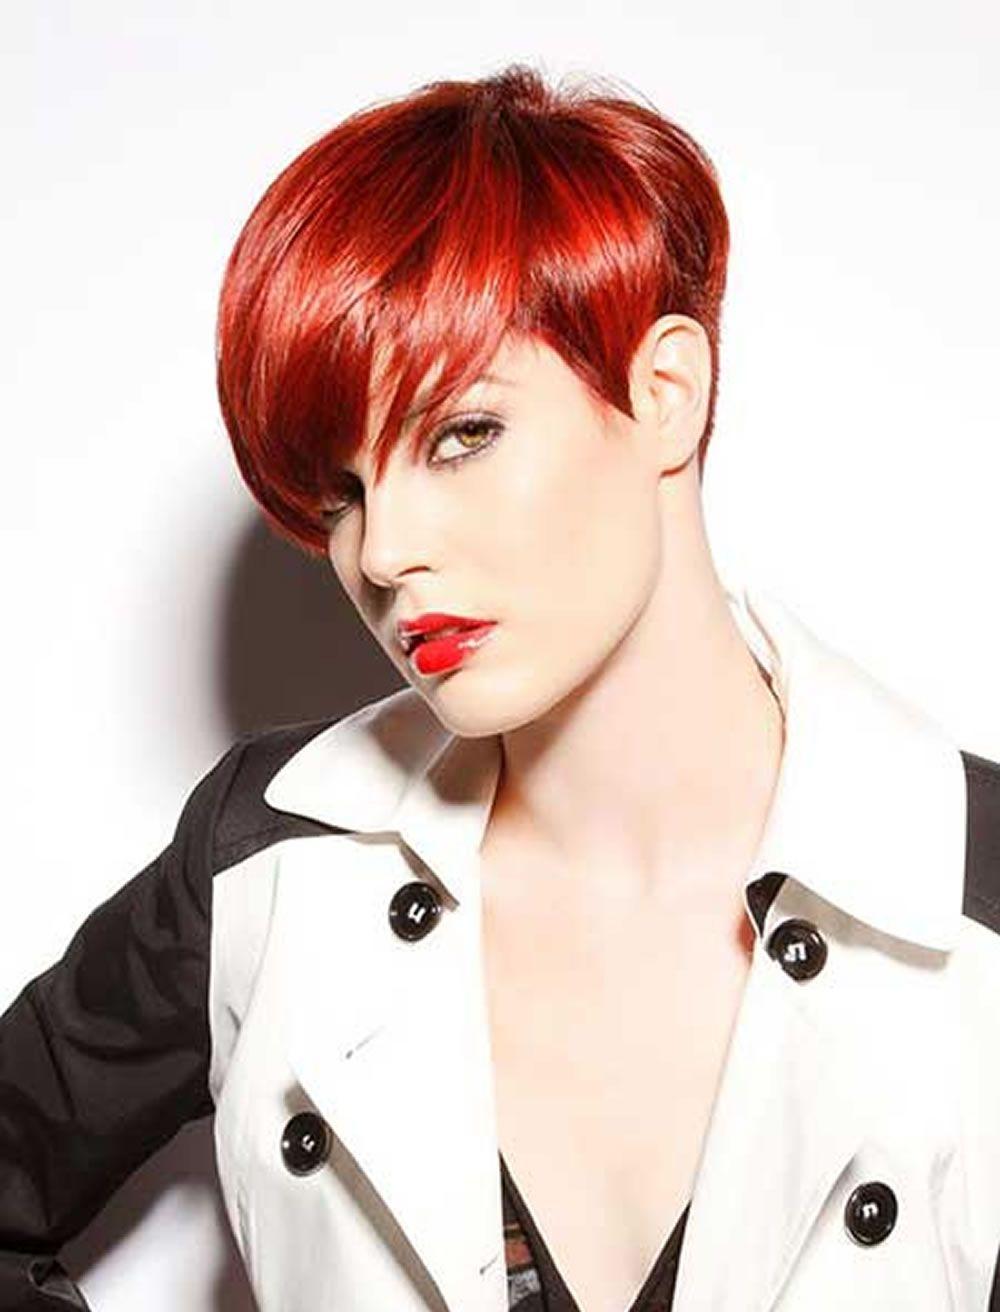 Fraulich - Frisuren für die Frau  Haarfarbe rot, Frisuren kurze